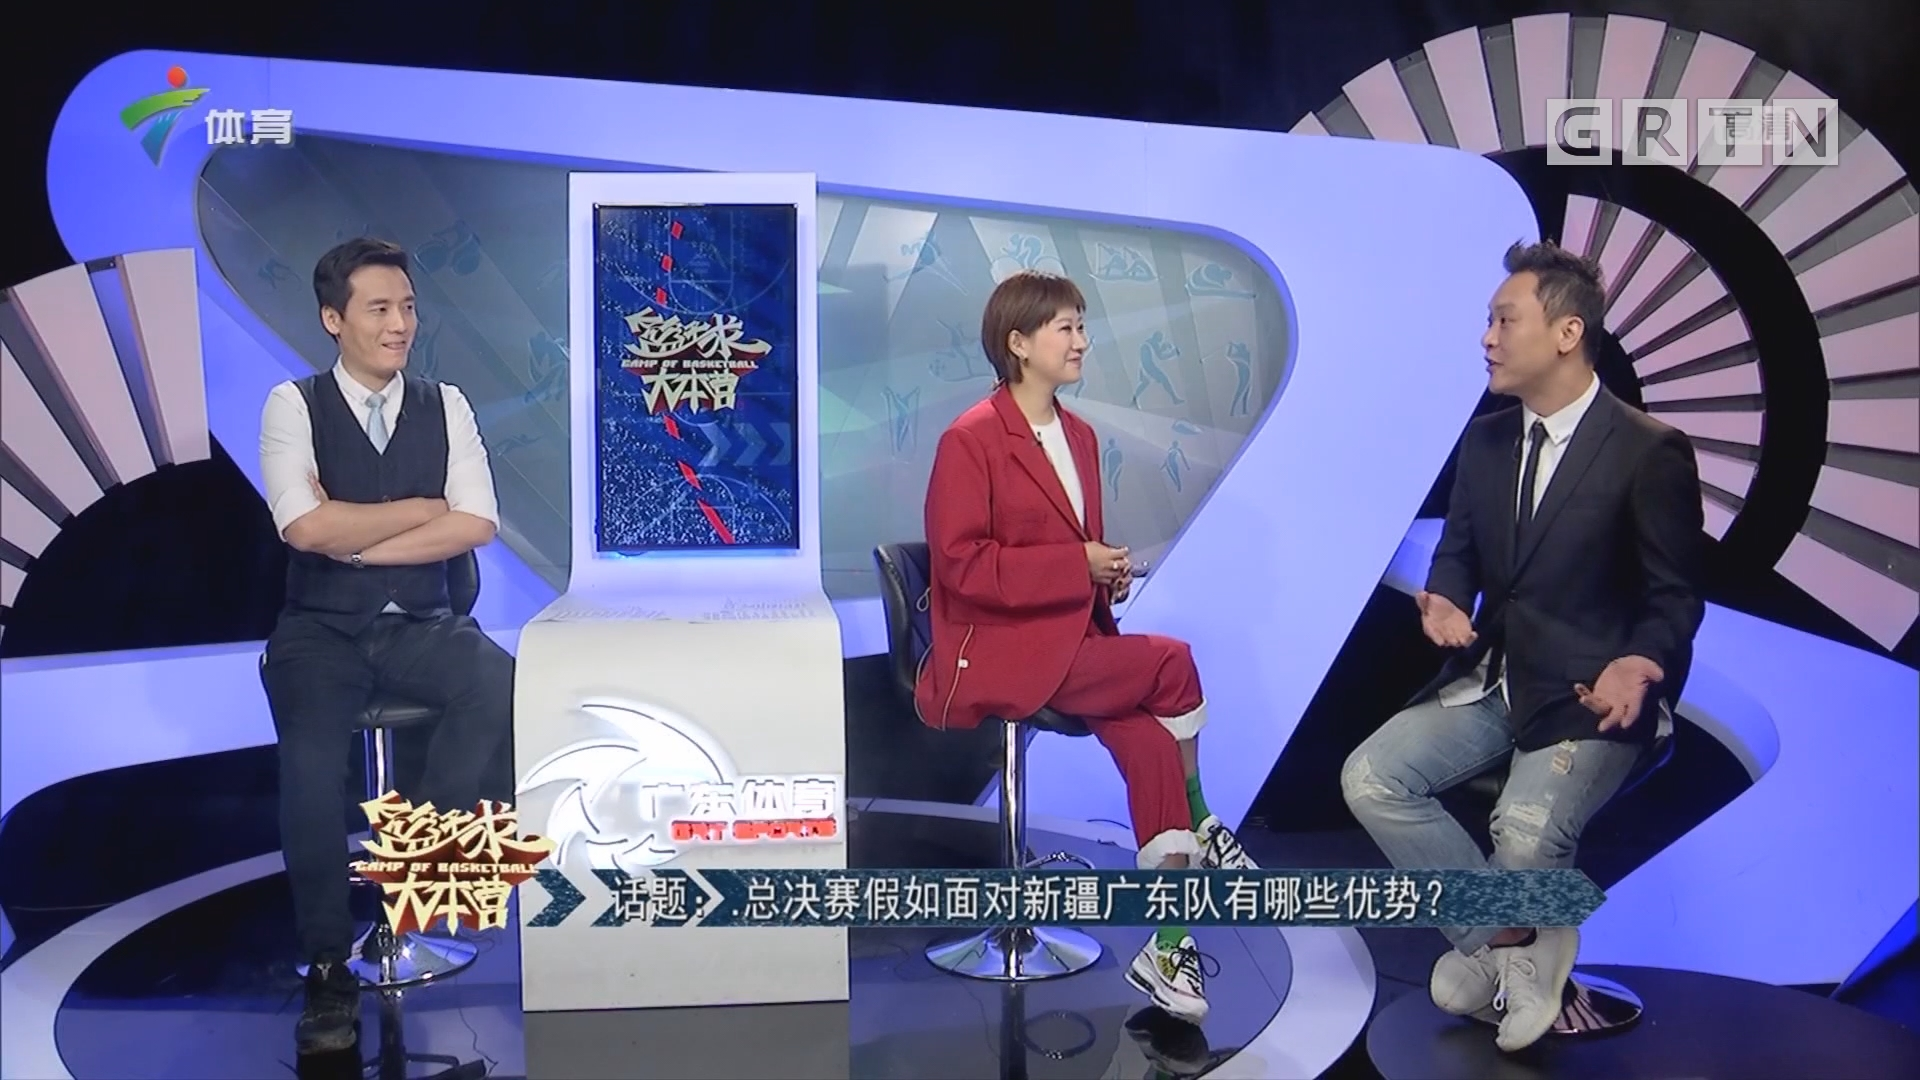 话题:总决赛假如面对新疆广东队有哪些优势?